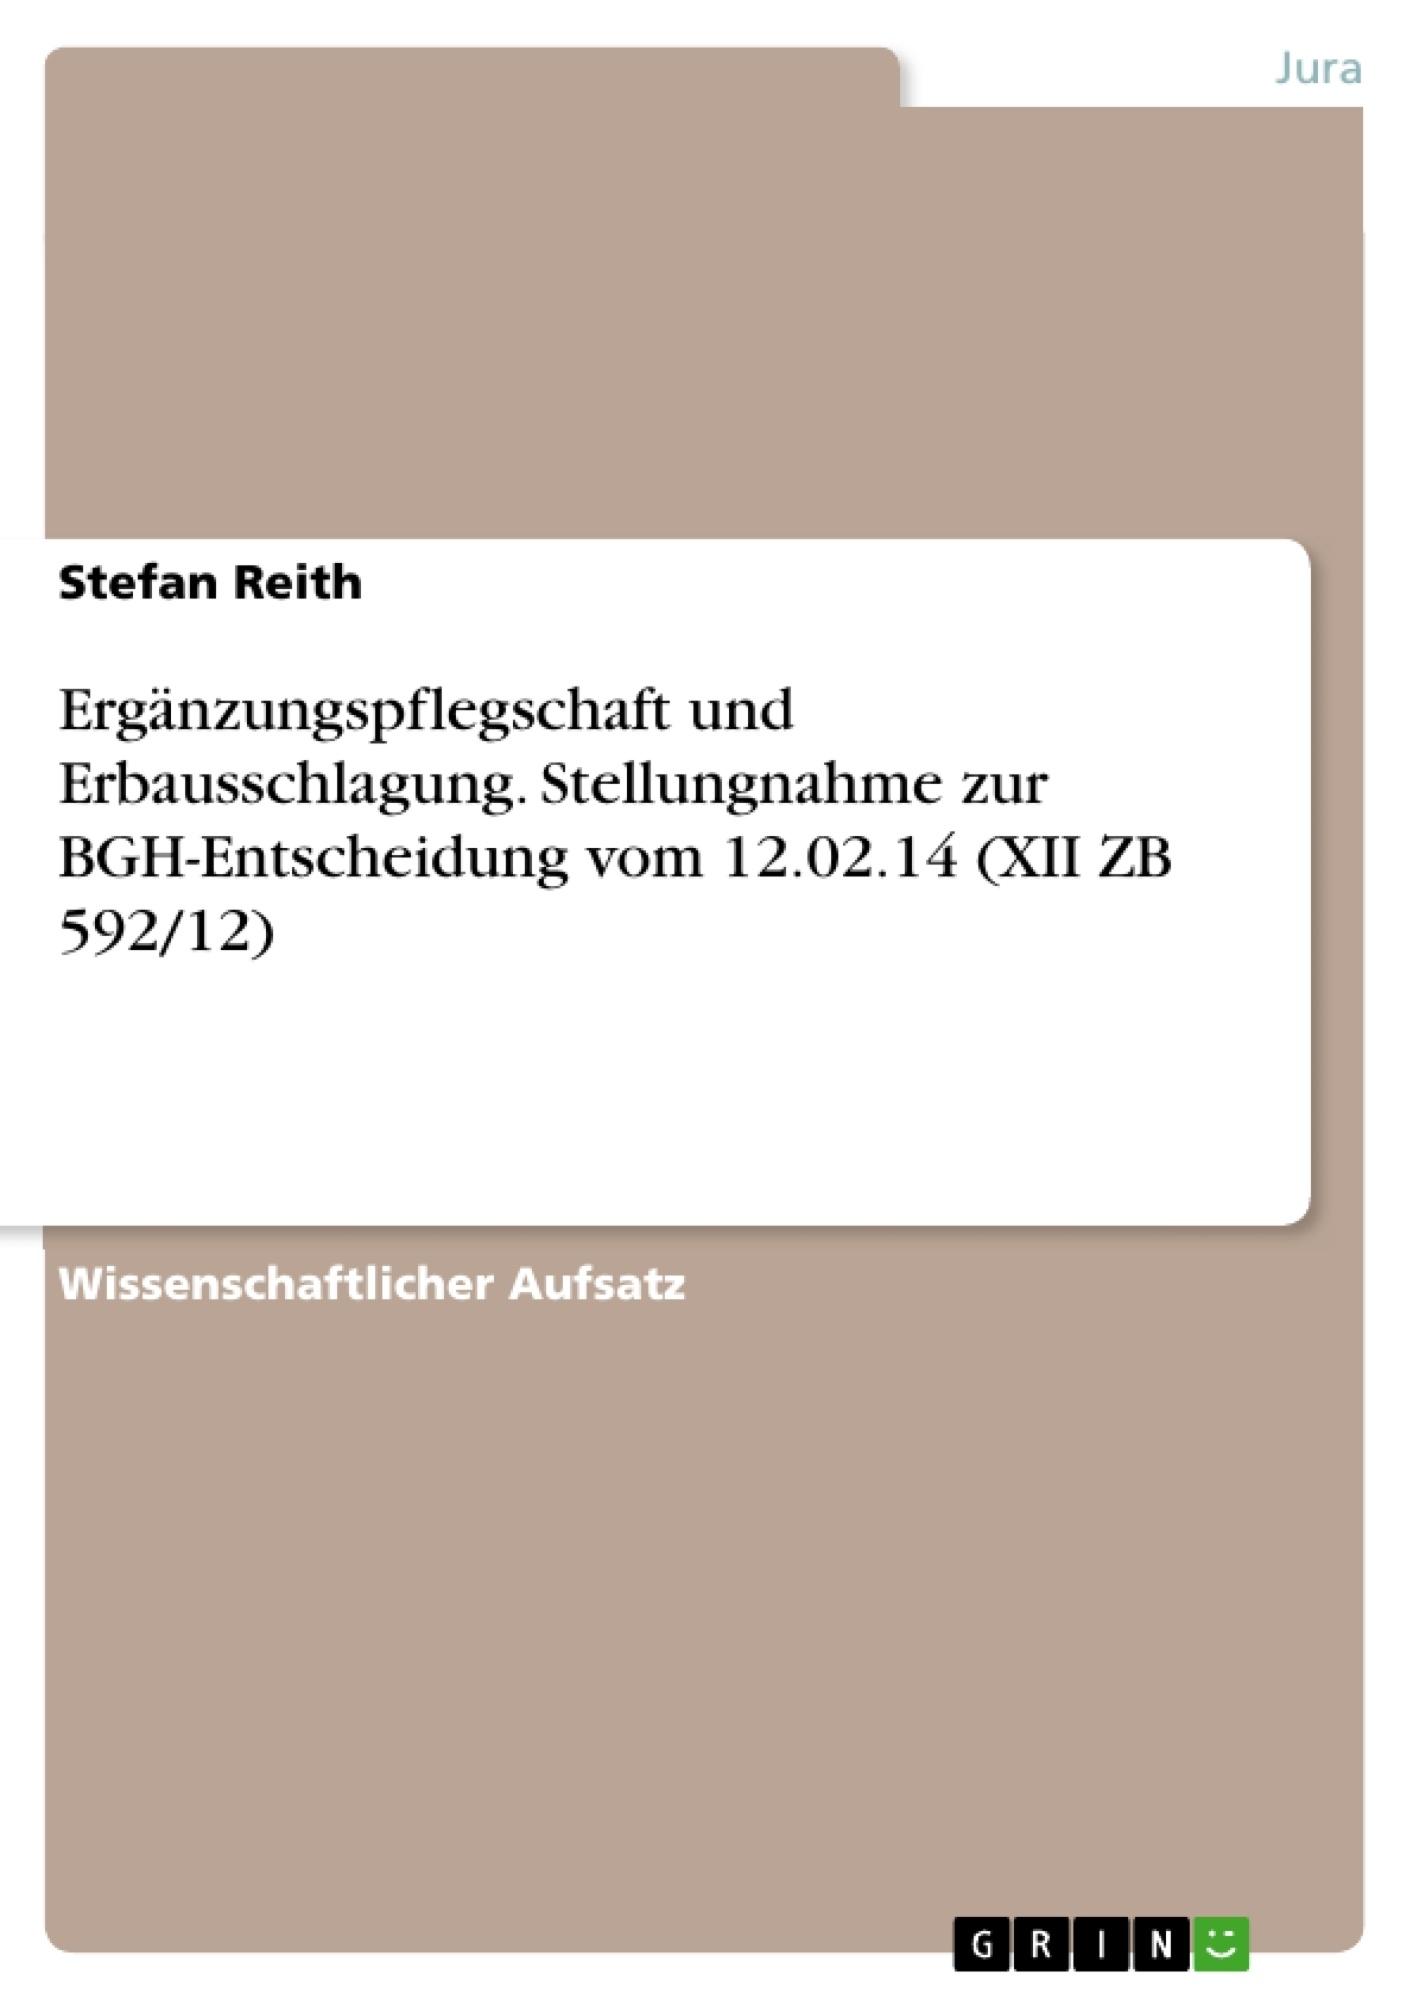 Titel: Ergänzungspflegschaft und Erbausschlagung. Stellungnahme zur BGH-Entscheidung vom 12.02.14 (XII ZB 592/12)